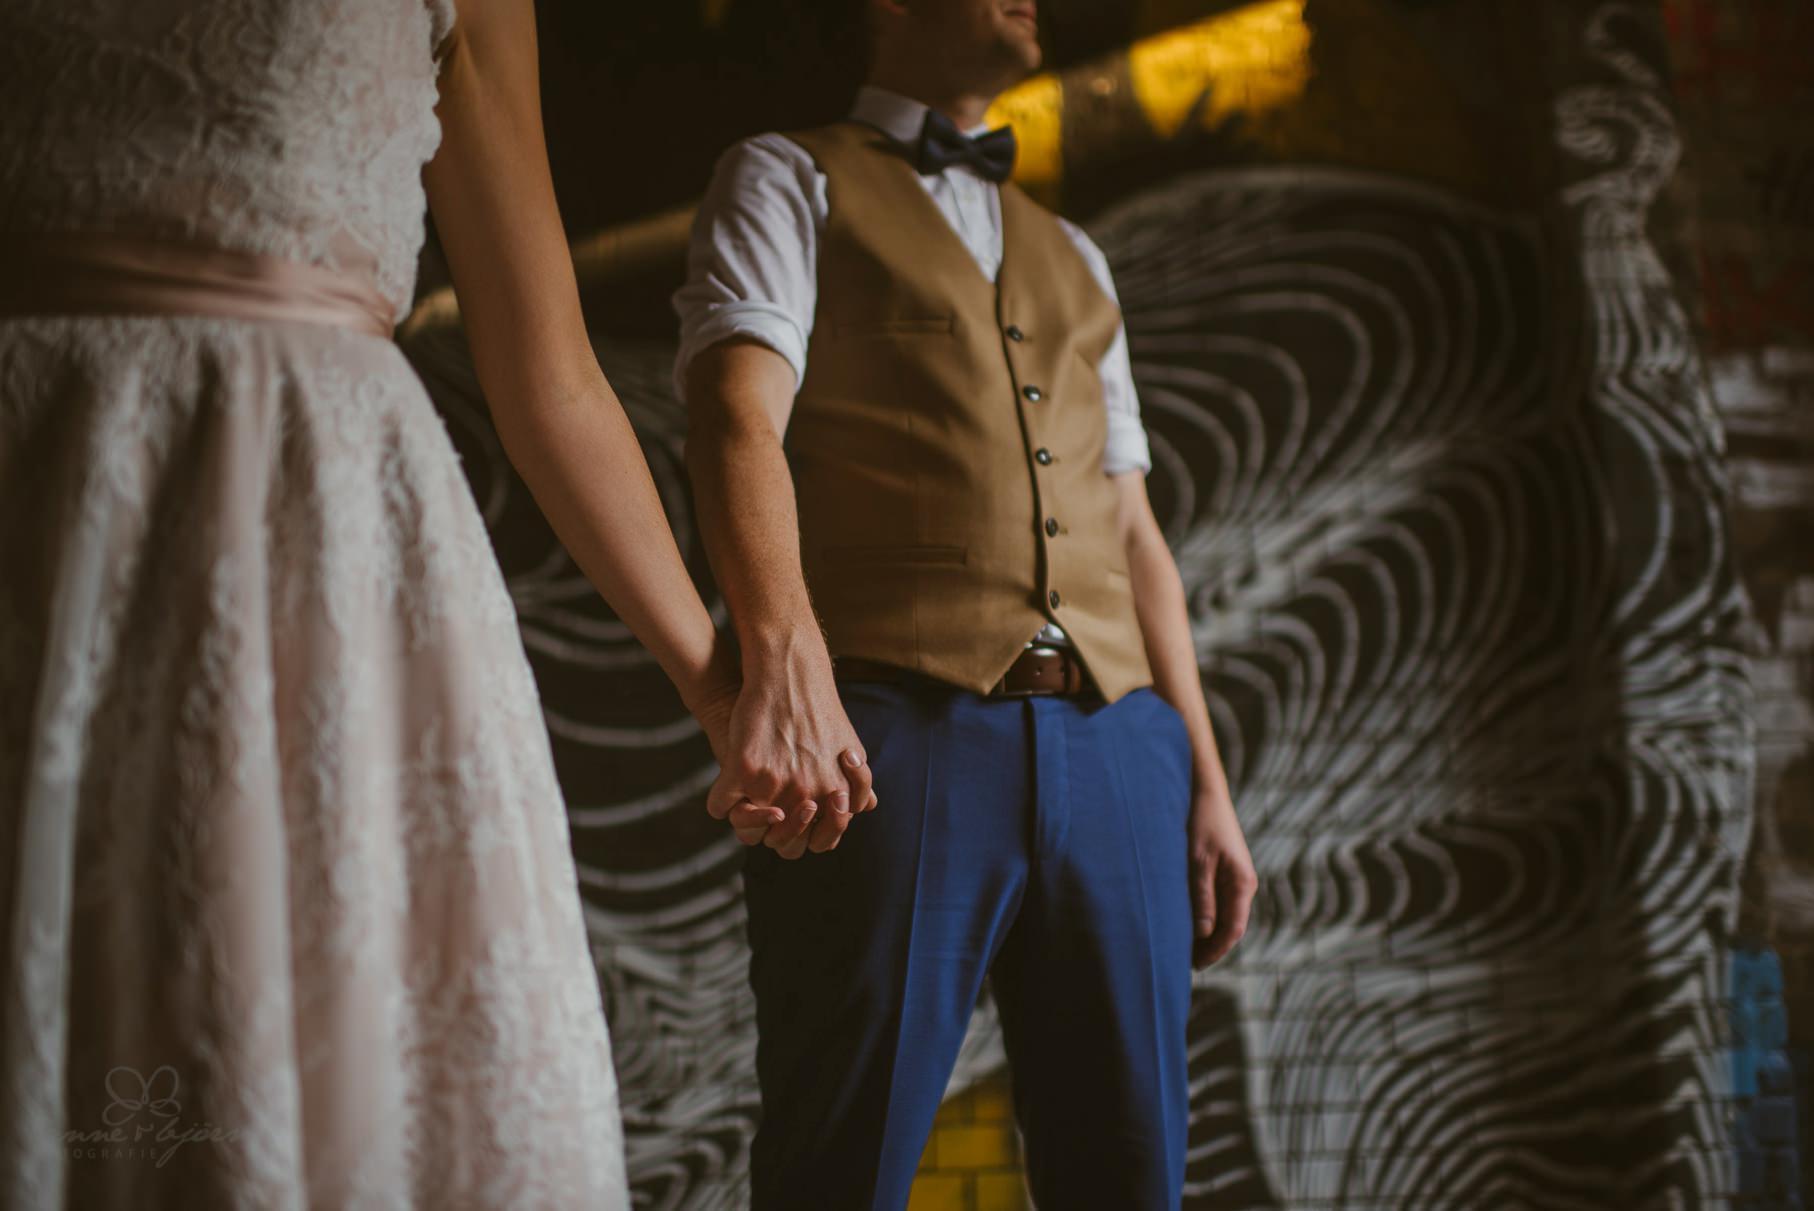 0067 sylwiaundchris d76 4169 - Bunte DIY Hochzeit in der Fabrik 23 - Berlin